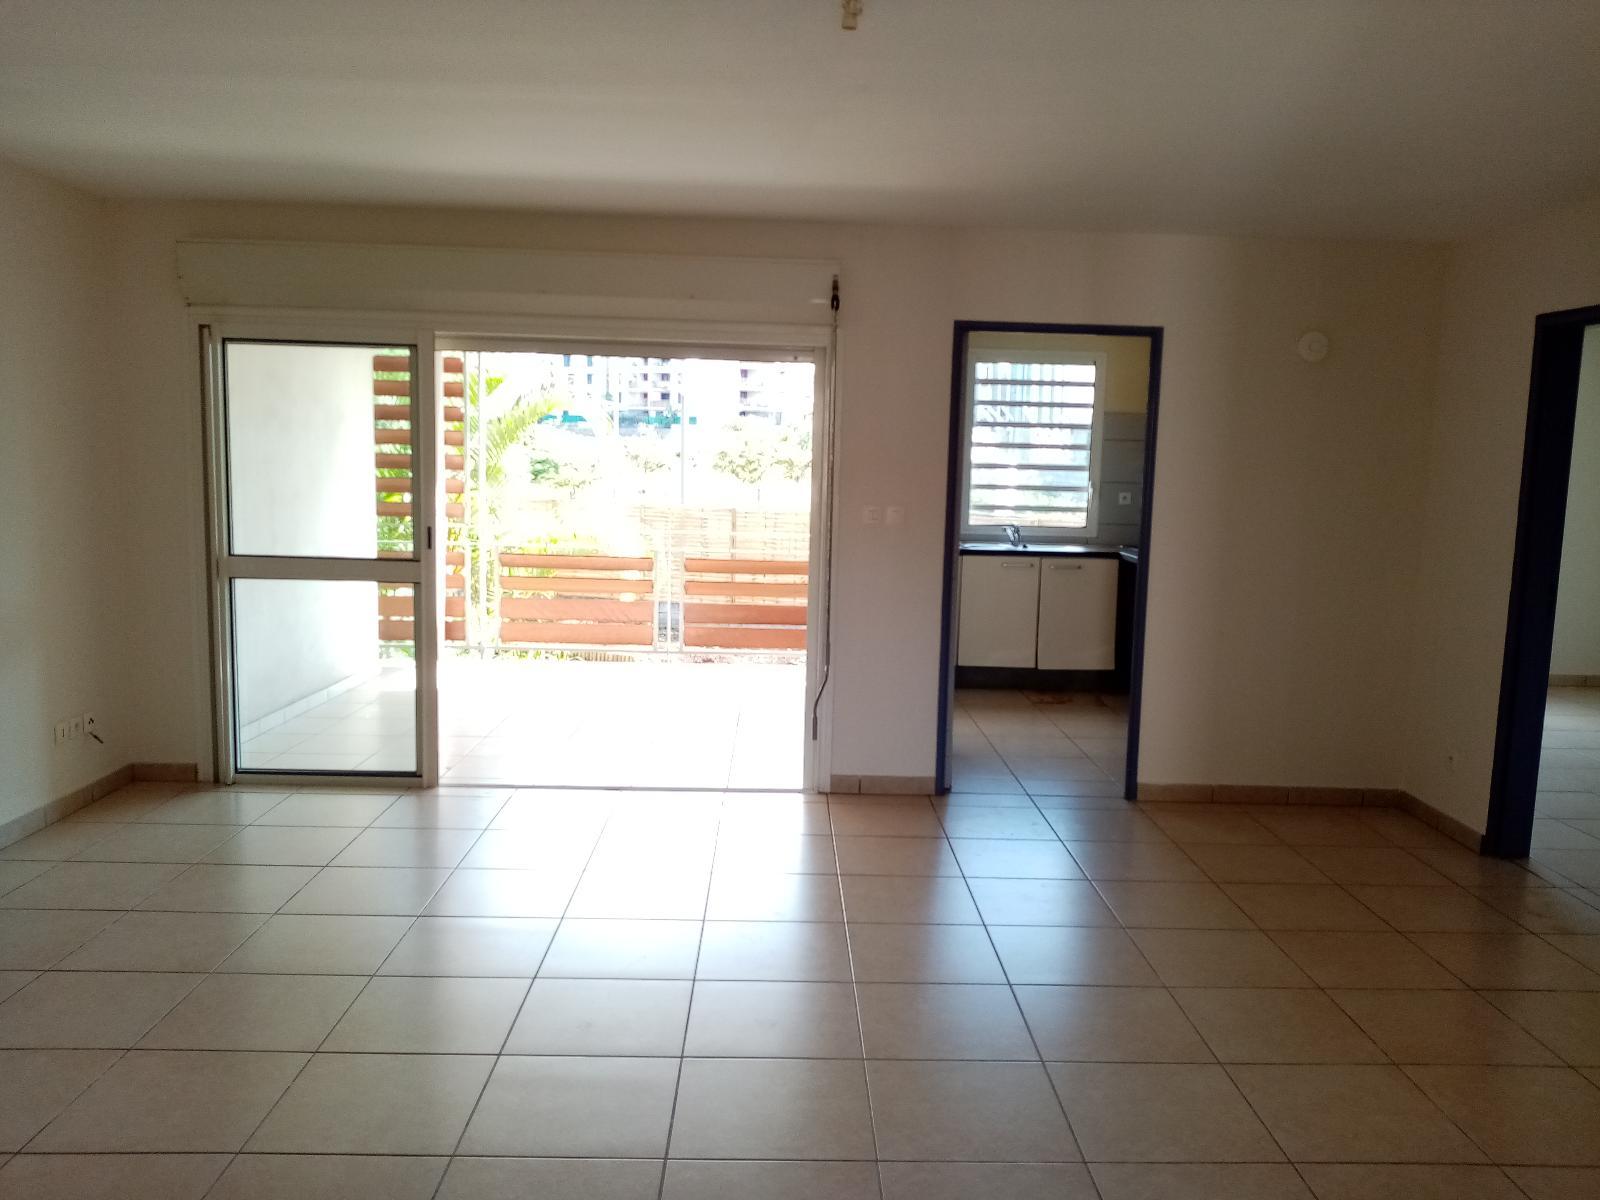 Appartement 3 pièces 85 m²